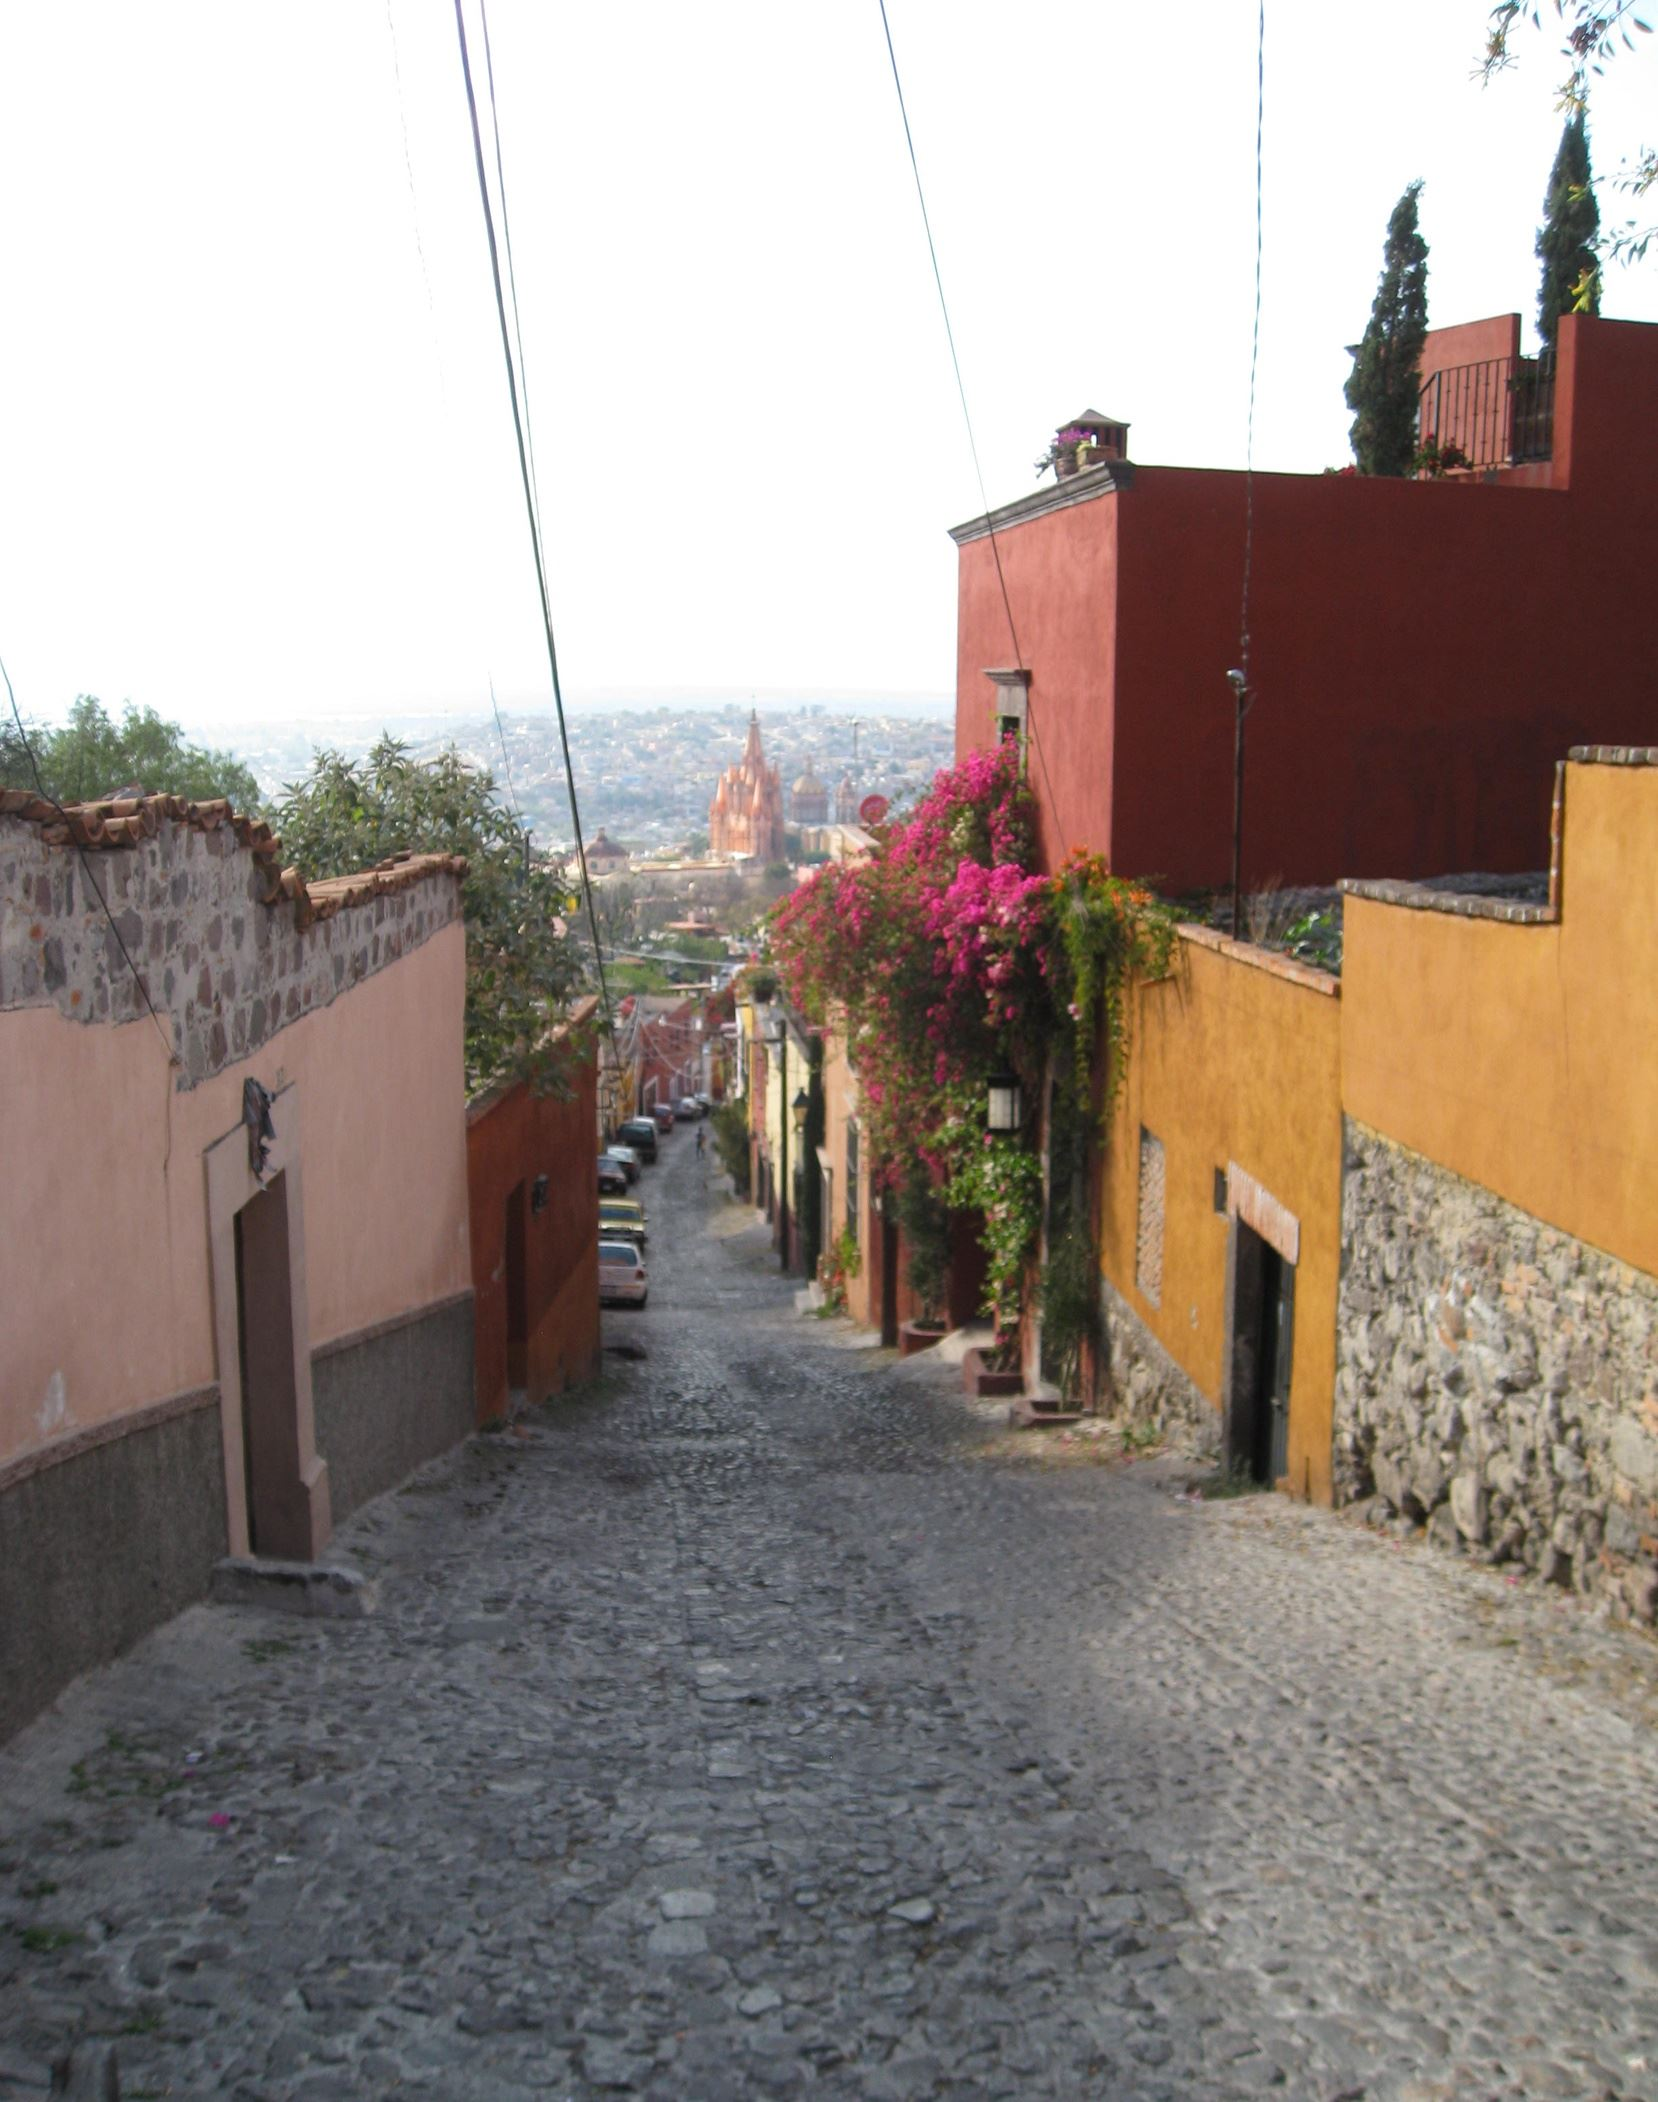 20140425hofood7132-1 View of San Miguel de Allende.